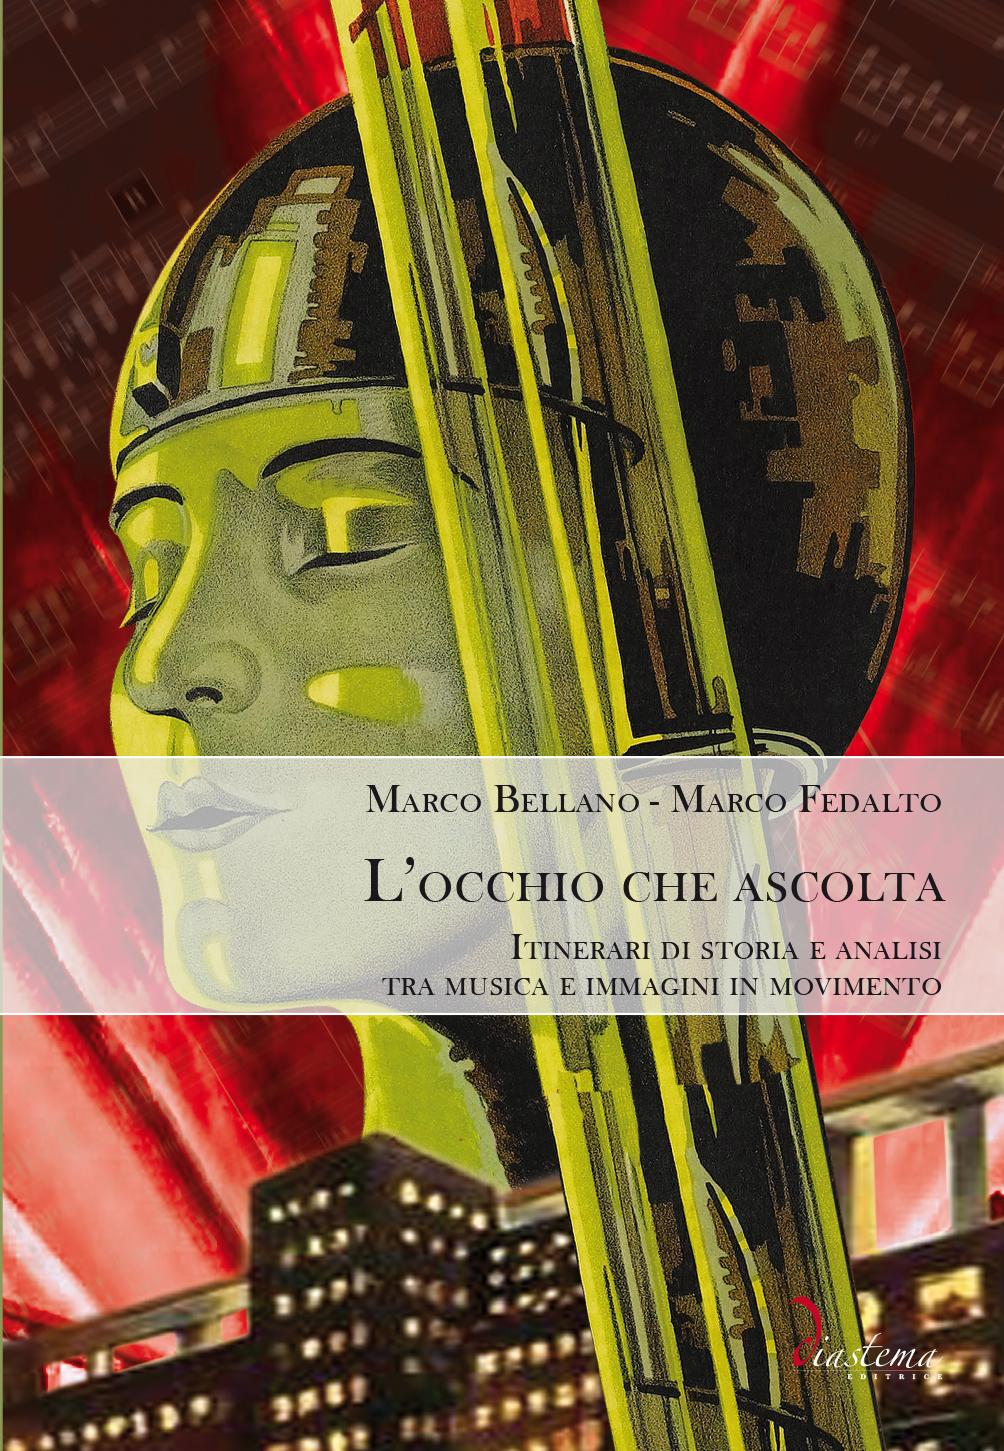 """<p><strong><span style=""""color: #000;"""">Marco Bellano - Marco Fedalto<strong><span style=""""color: #b21827;""""><br>L'occhio che ascolta</p></span></strong><span style=""""color: #000;"""">Itinerari di storia e analisi tra musica e immagini in movimento</strong></span>"""